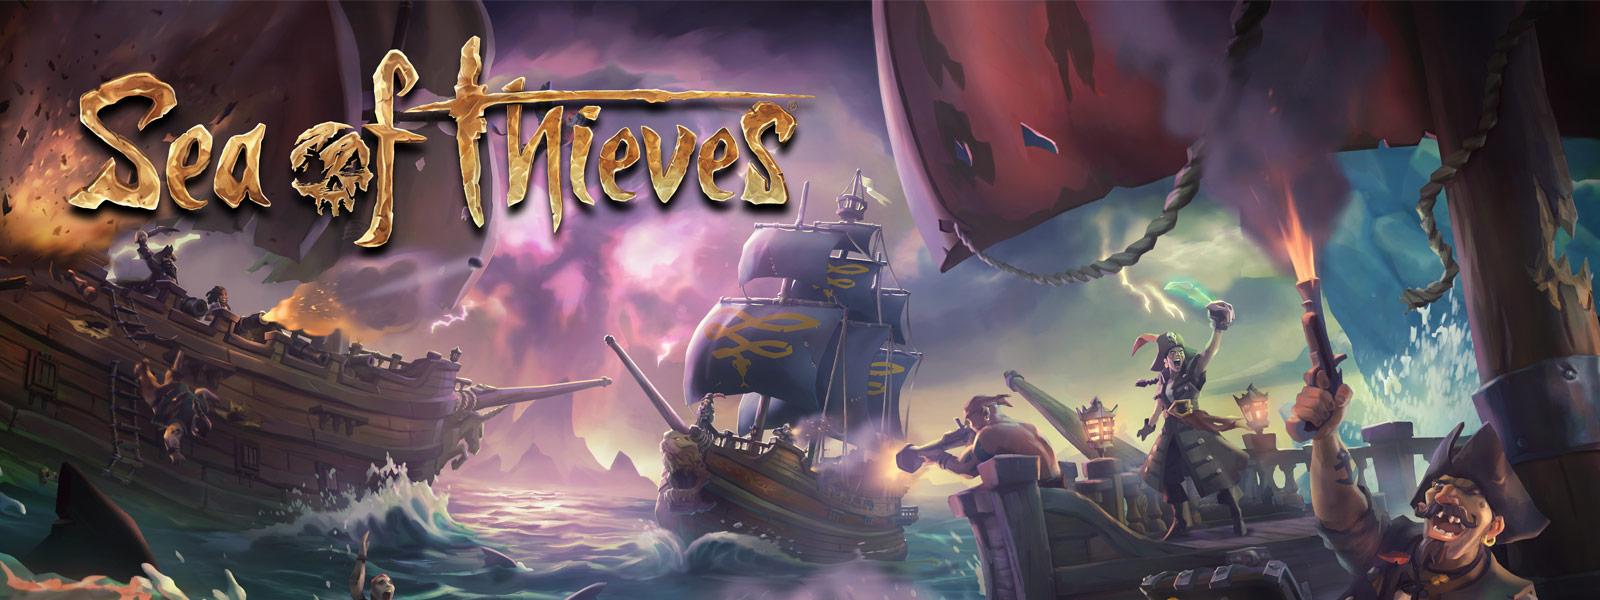 Sea of Thieves – Eine Seeschlacht auf dem offenen Meer und ein Schiff, von dem auf andere Schiffe gefeuert wird